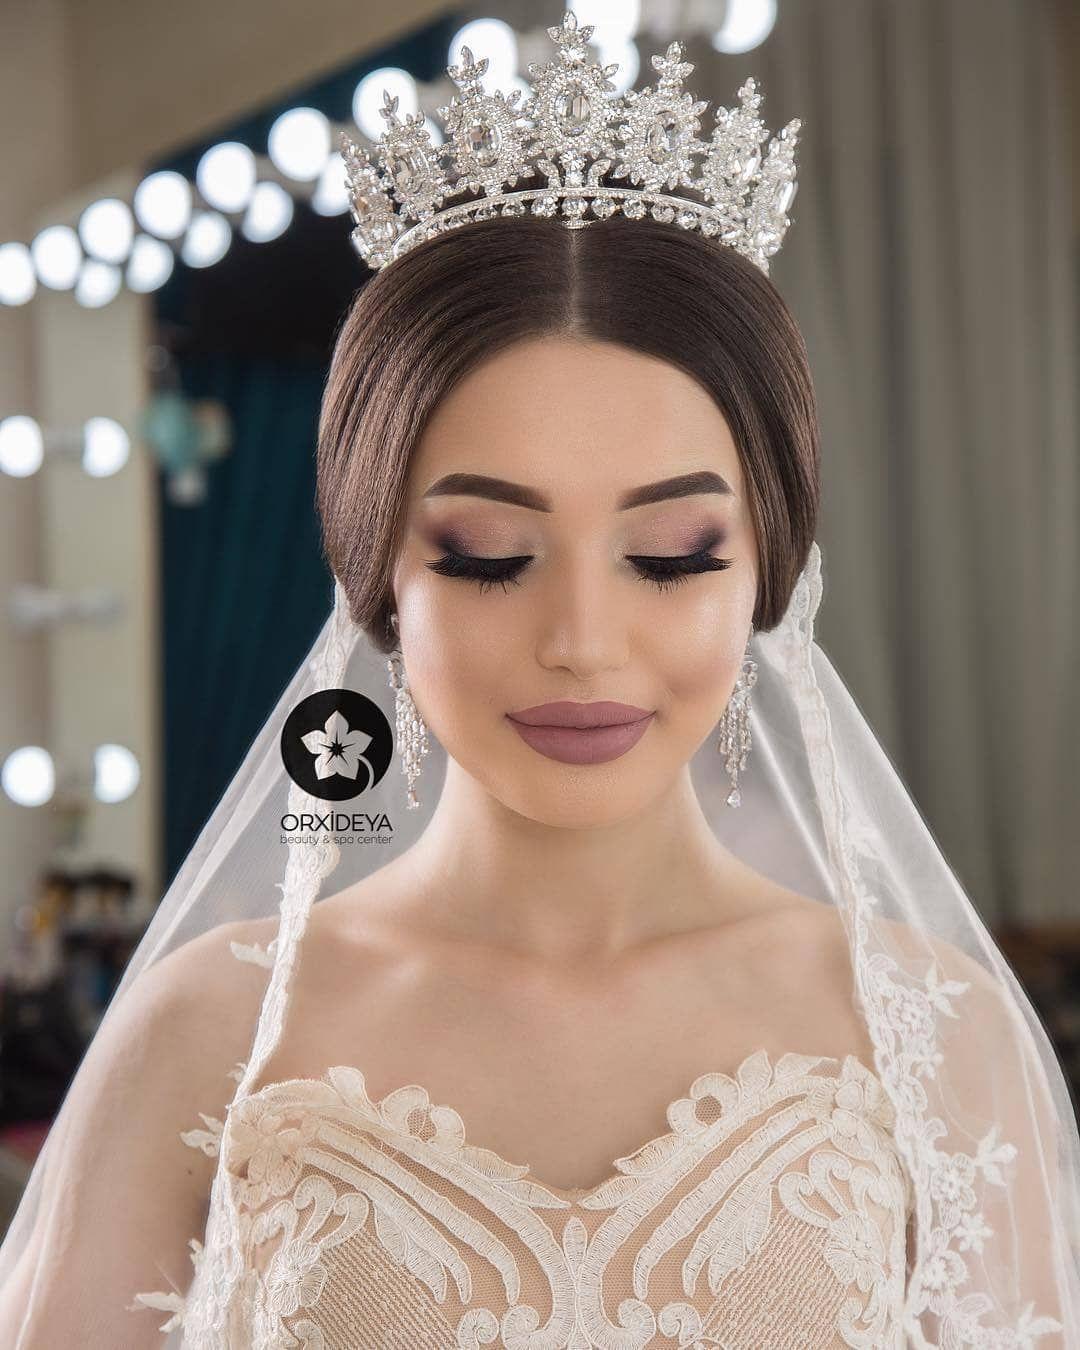 Make up | Wedding hairstyles, Wedding makeup, Bridal hair